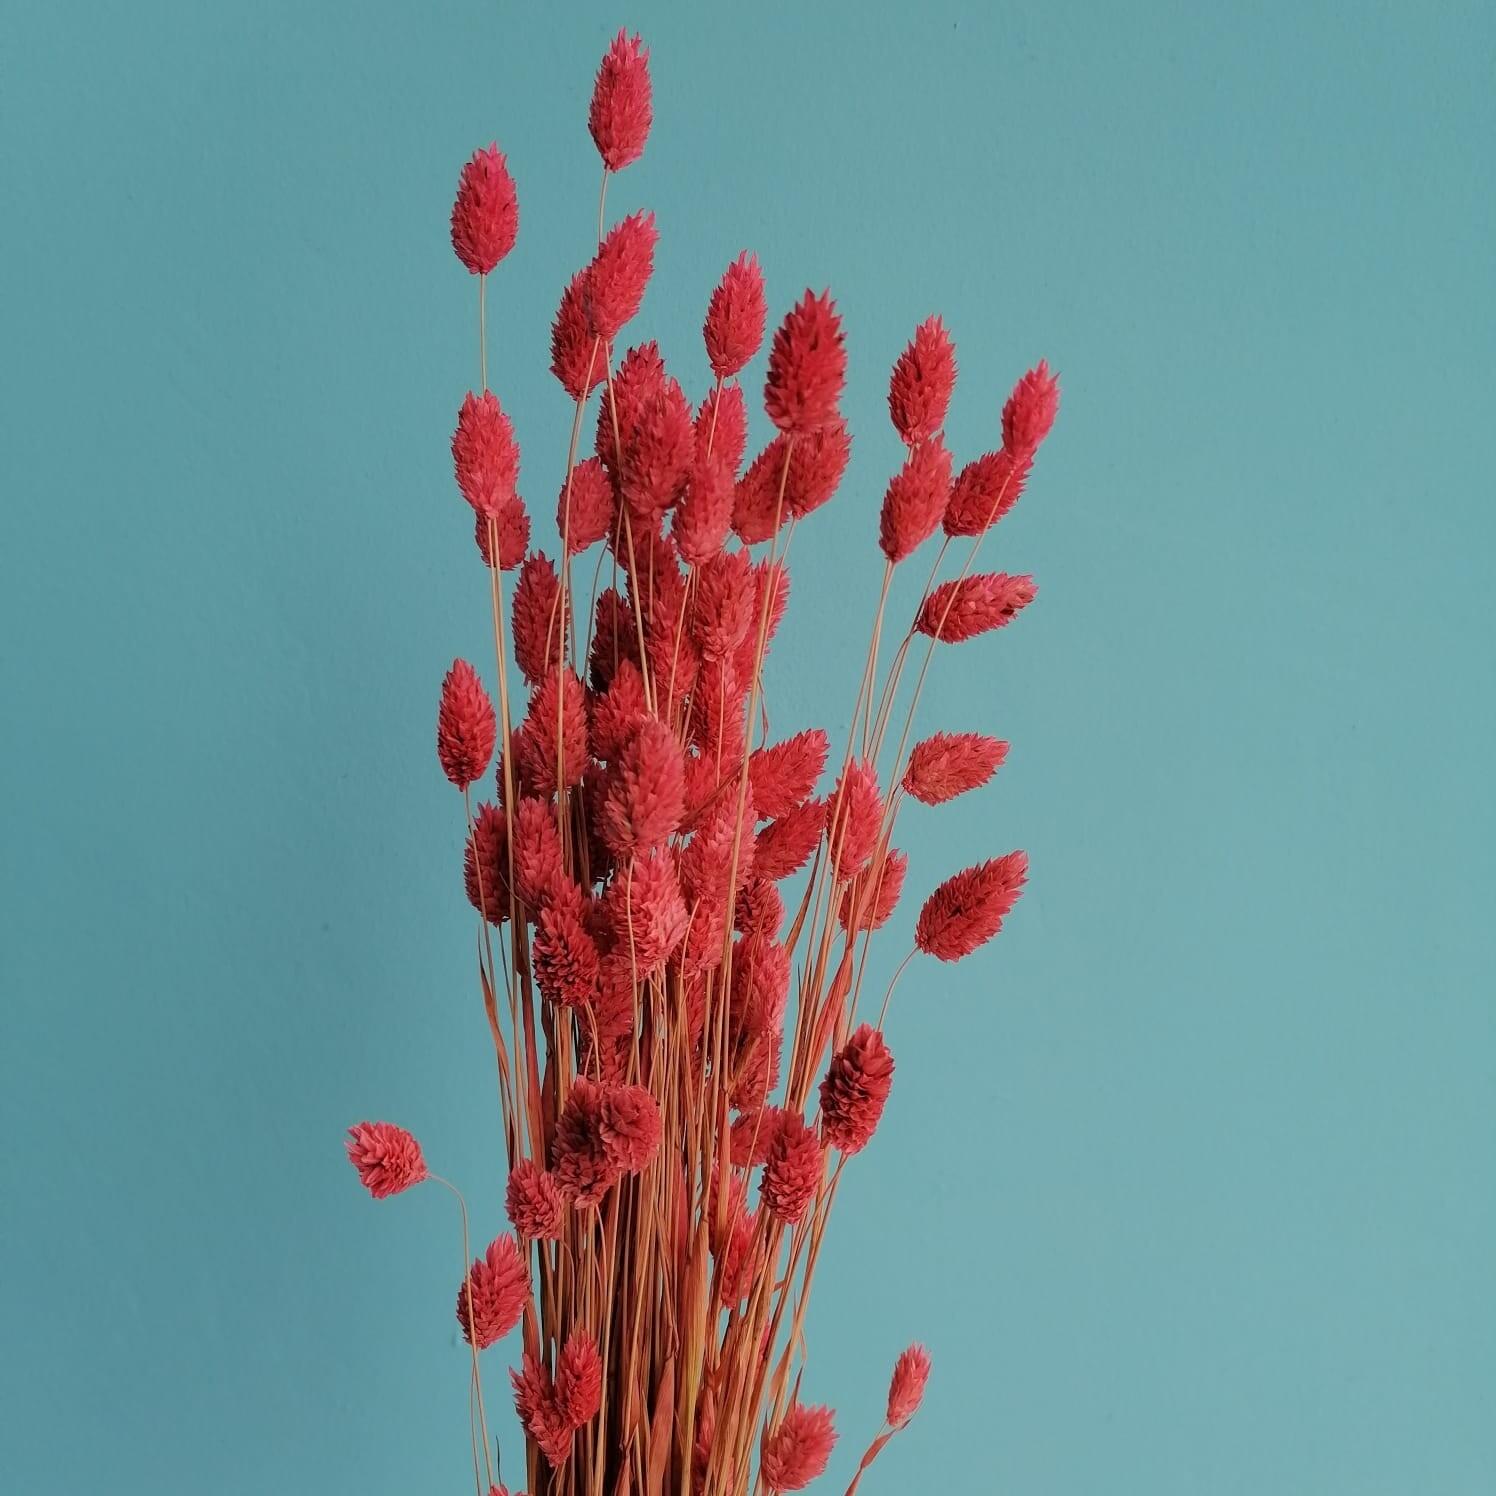 Phalyaris dried hot pink